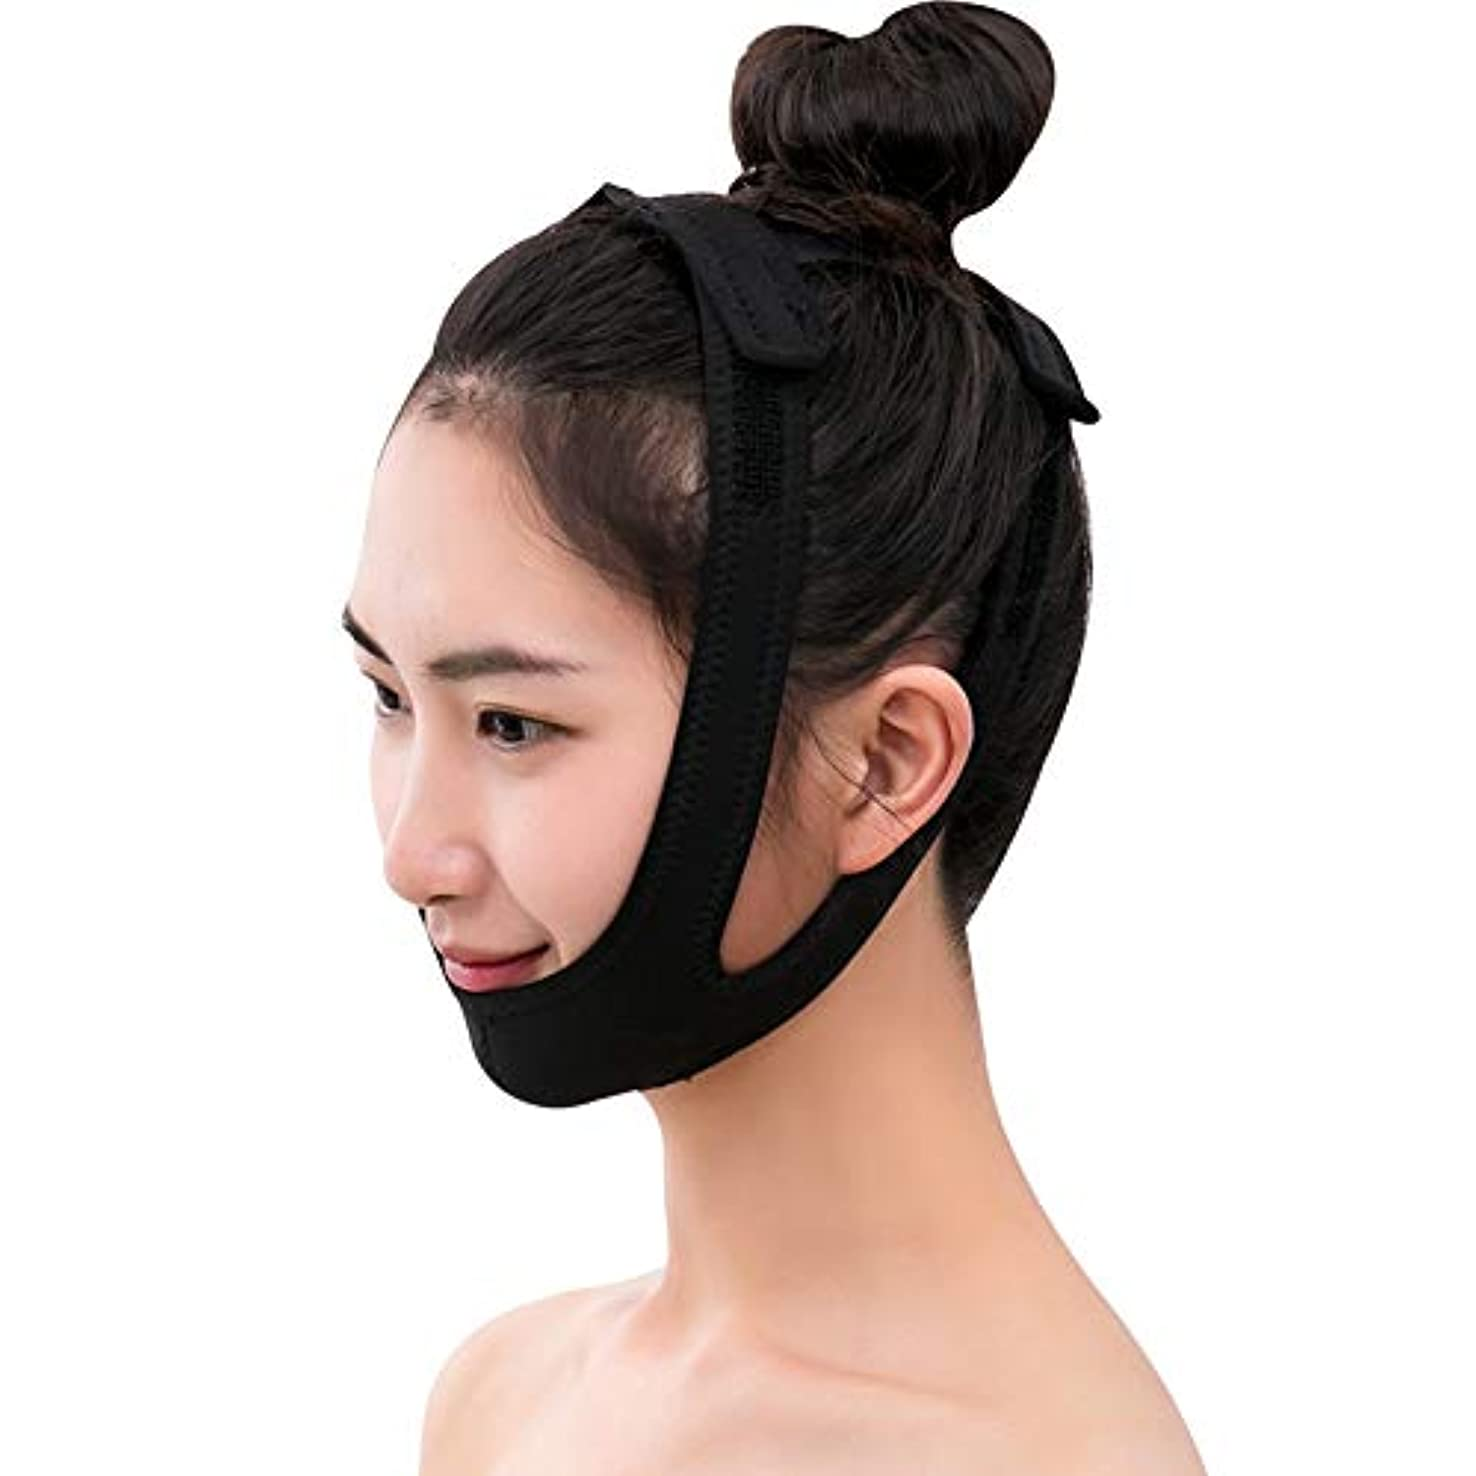 アクセス直接スキーフェイスリフトベルト 薄いフェイスバンド - 薄い顔の包帯ビューティーインストゥルメントフェイシャルリフト睡眠マスク法Vフェイスマスクの通気性を作る